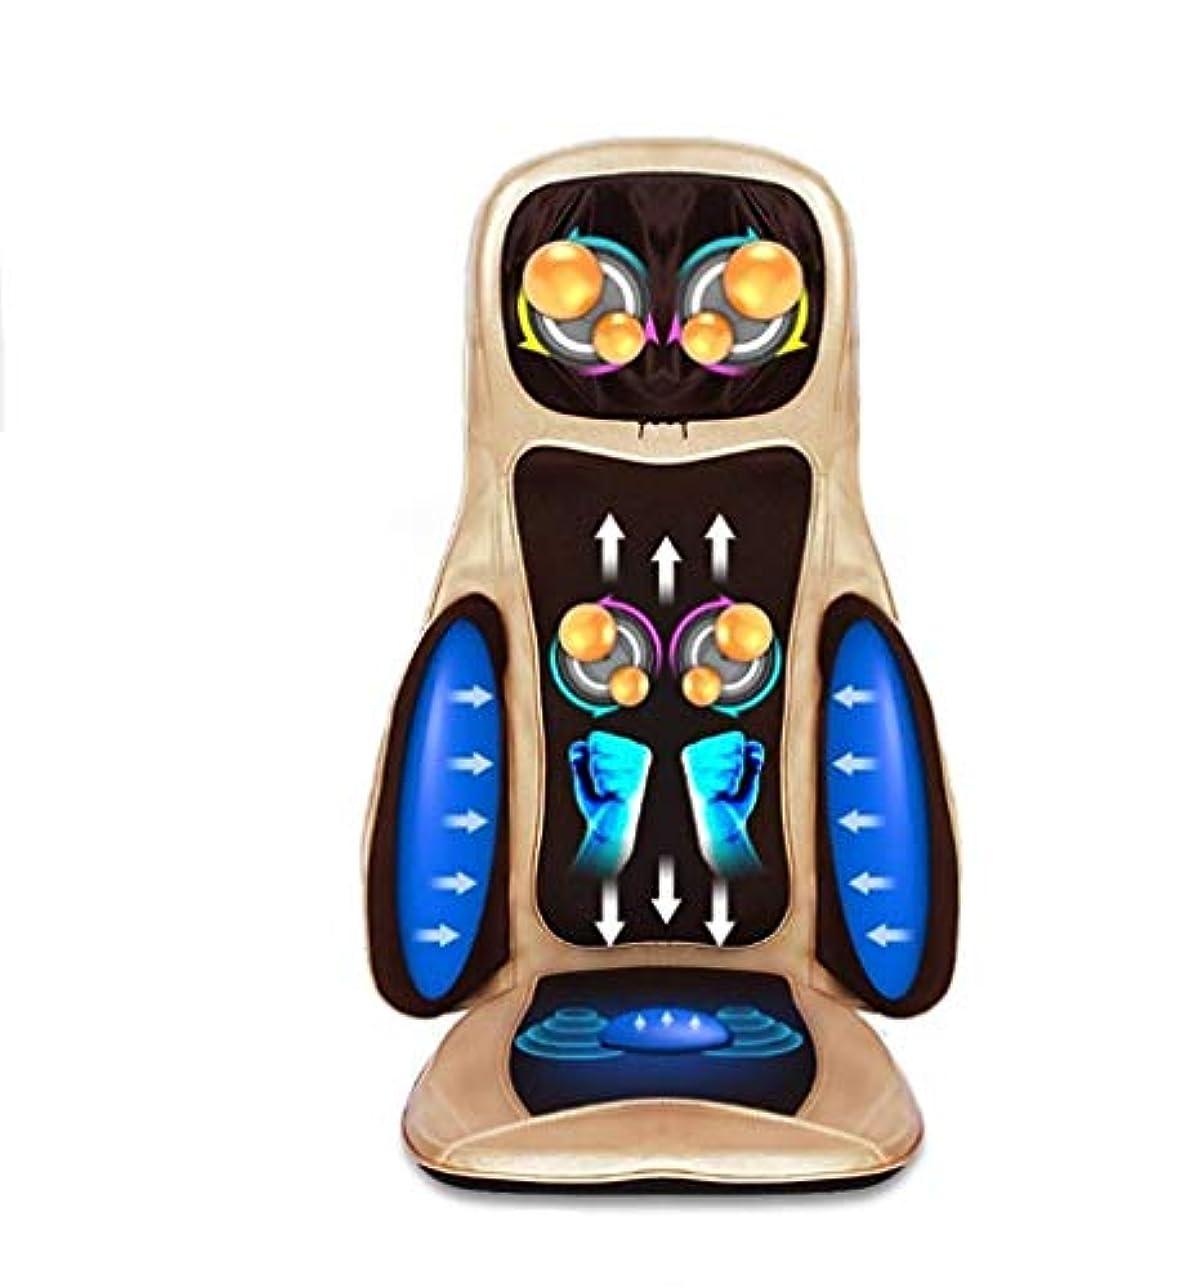 トリムスライム進化カーマッサージクッション、多機能マッサージクッション、ホームオフィスマッサージャー、全身マッサージマシンの深い混練、熱振動、体の痛みや疲労を軽減